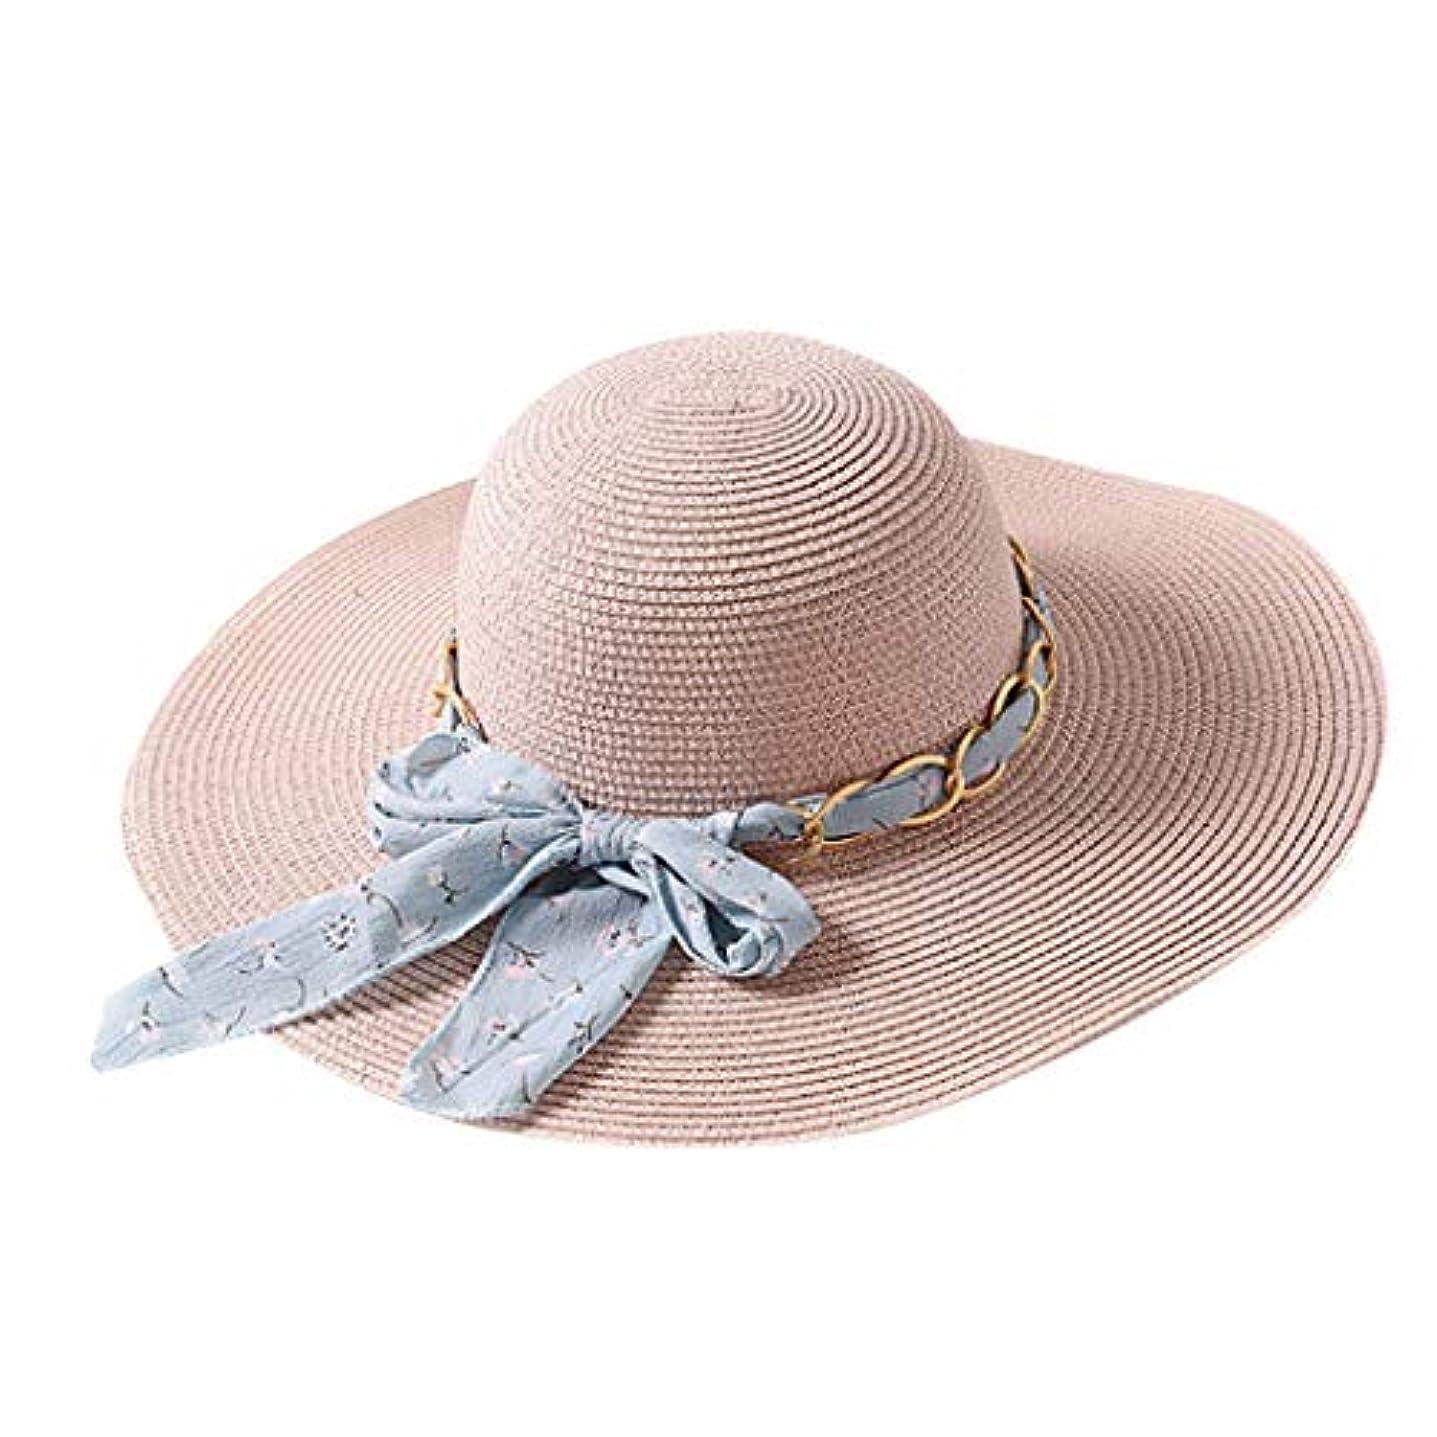 主張ショット百ファッション小物 夏 帽子 レディース UVカット 帽子 ハット レディース 紫外線対策 日焼け防止 取り外すあご紐 つば広 おしゃれ 可愛い 夏季 折りたたみ サイズ調節可 旅行 女優帽 小顔効果抜群 ROSE ROMAN